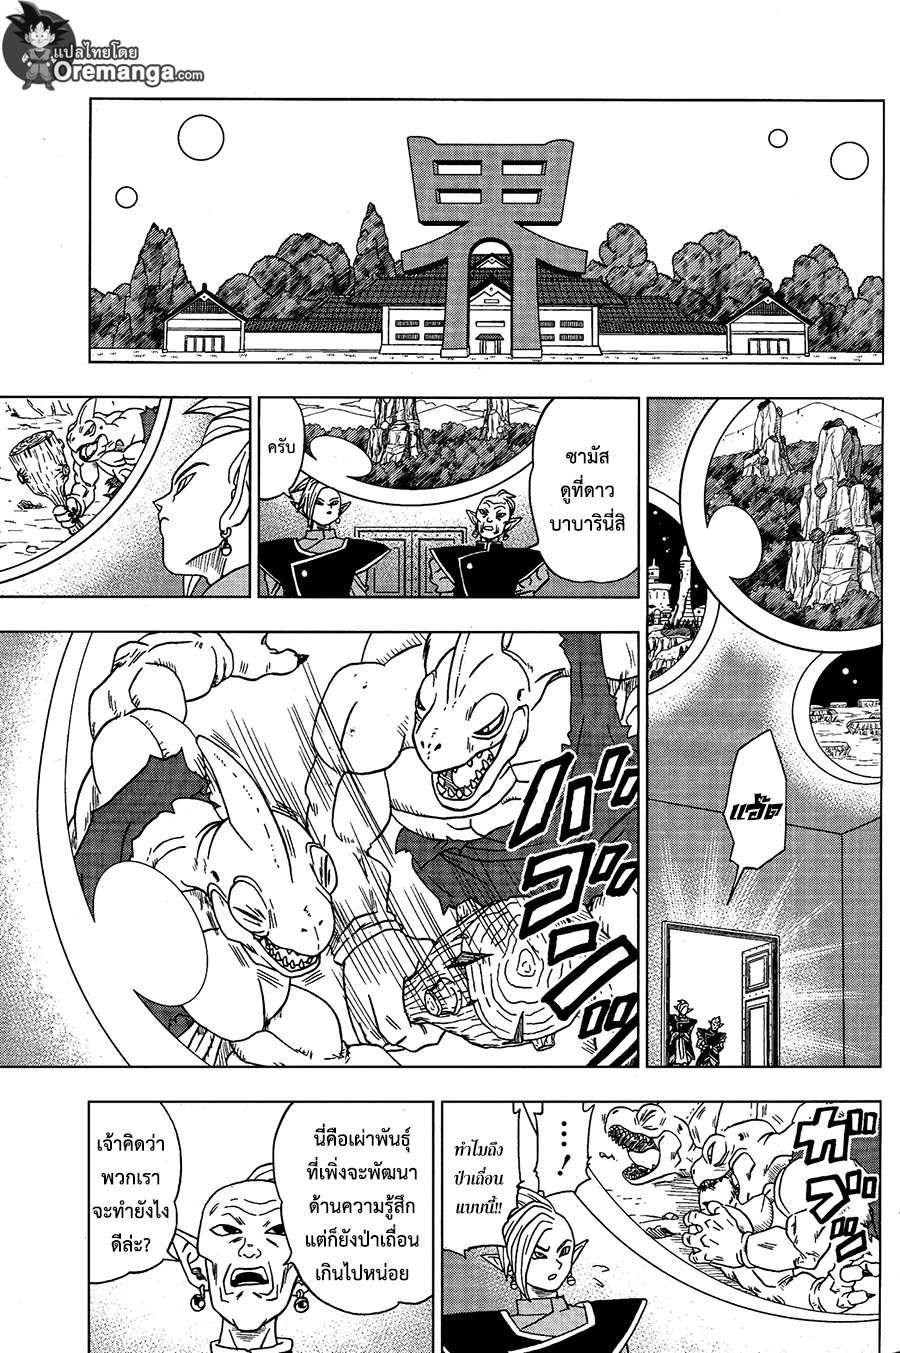 อ่านการ์ตูน Dragonball Super ตอนที่ 16 หน้าที่ 37